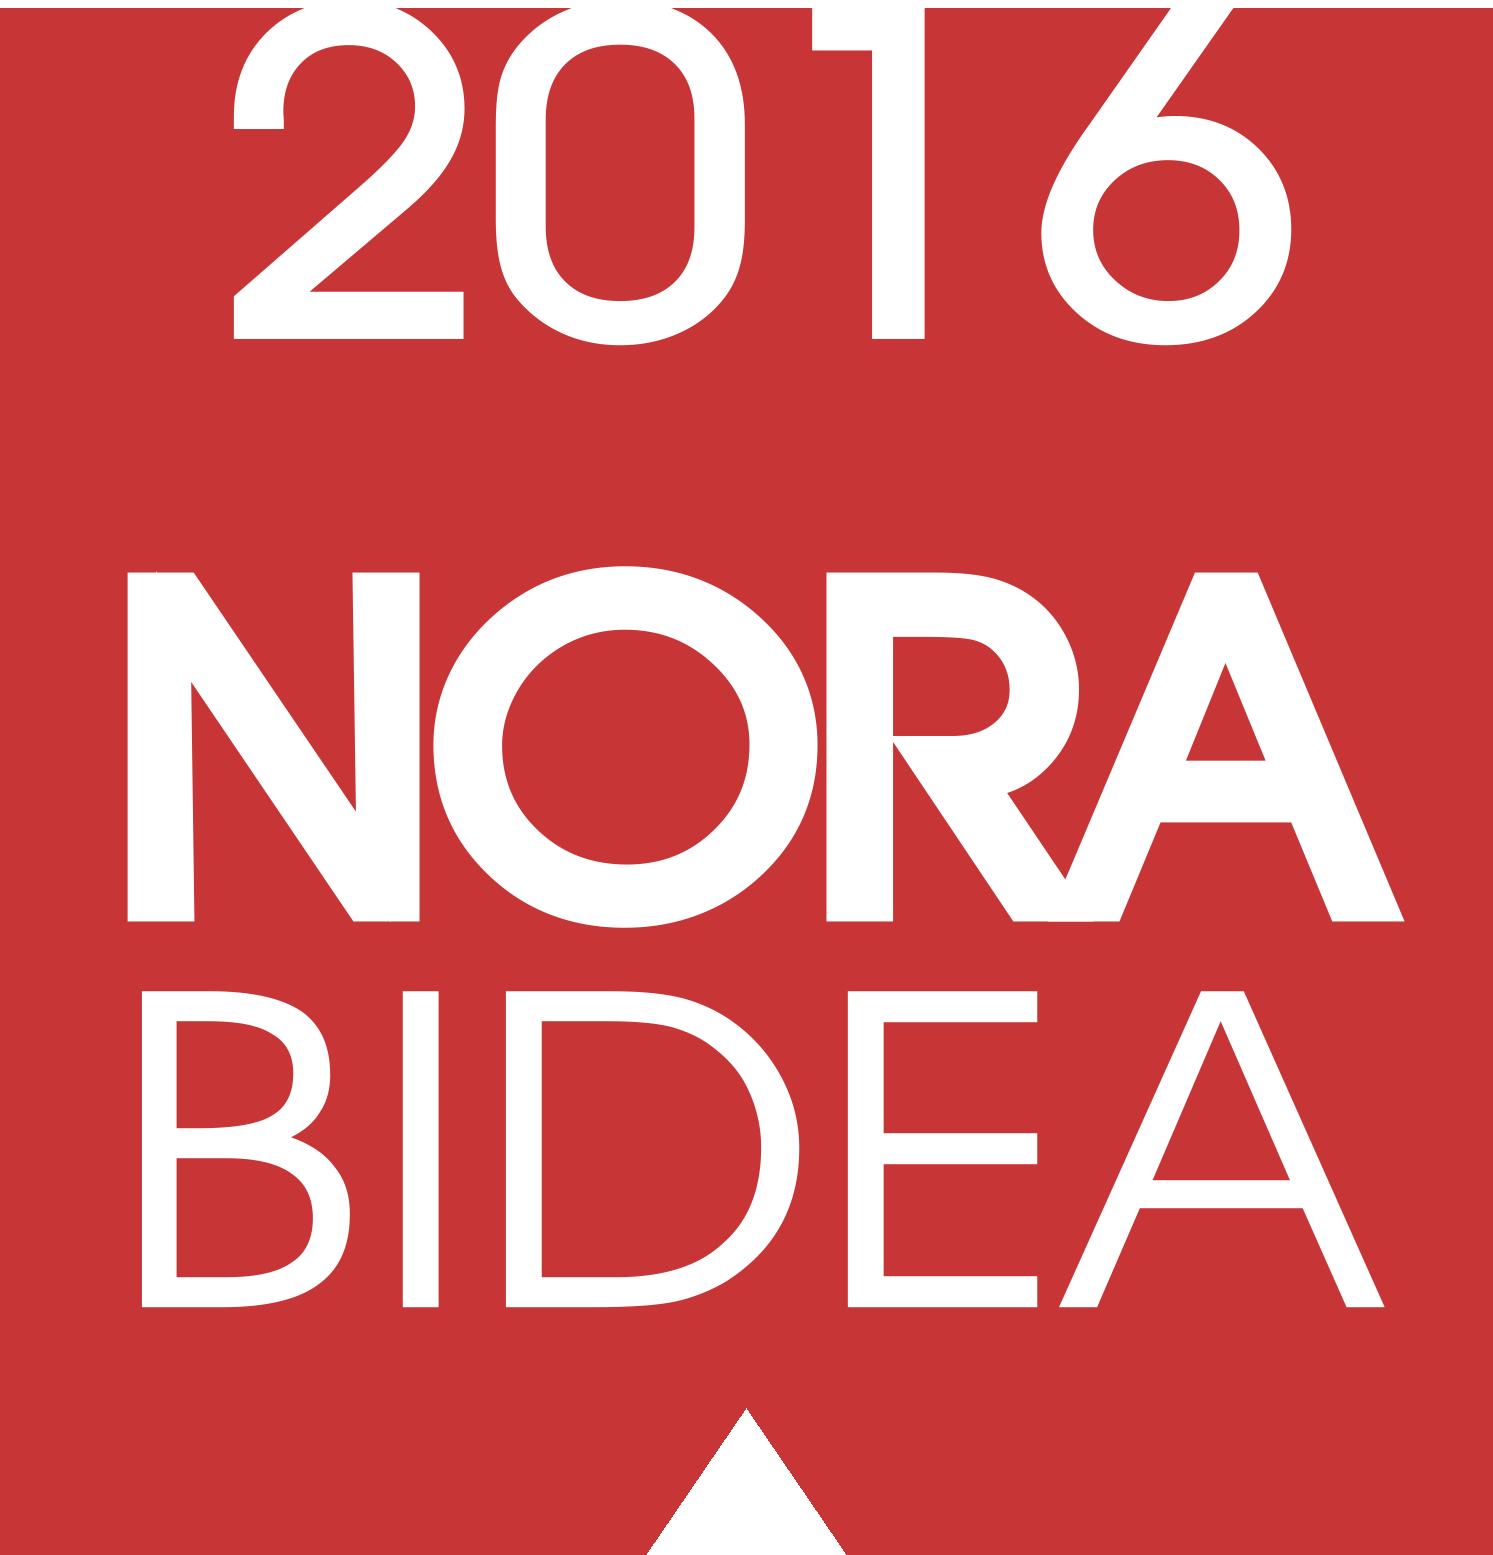 logo norabidea 2016